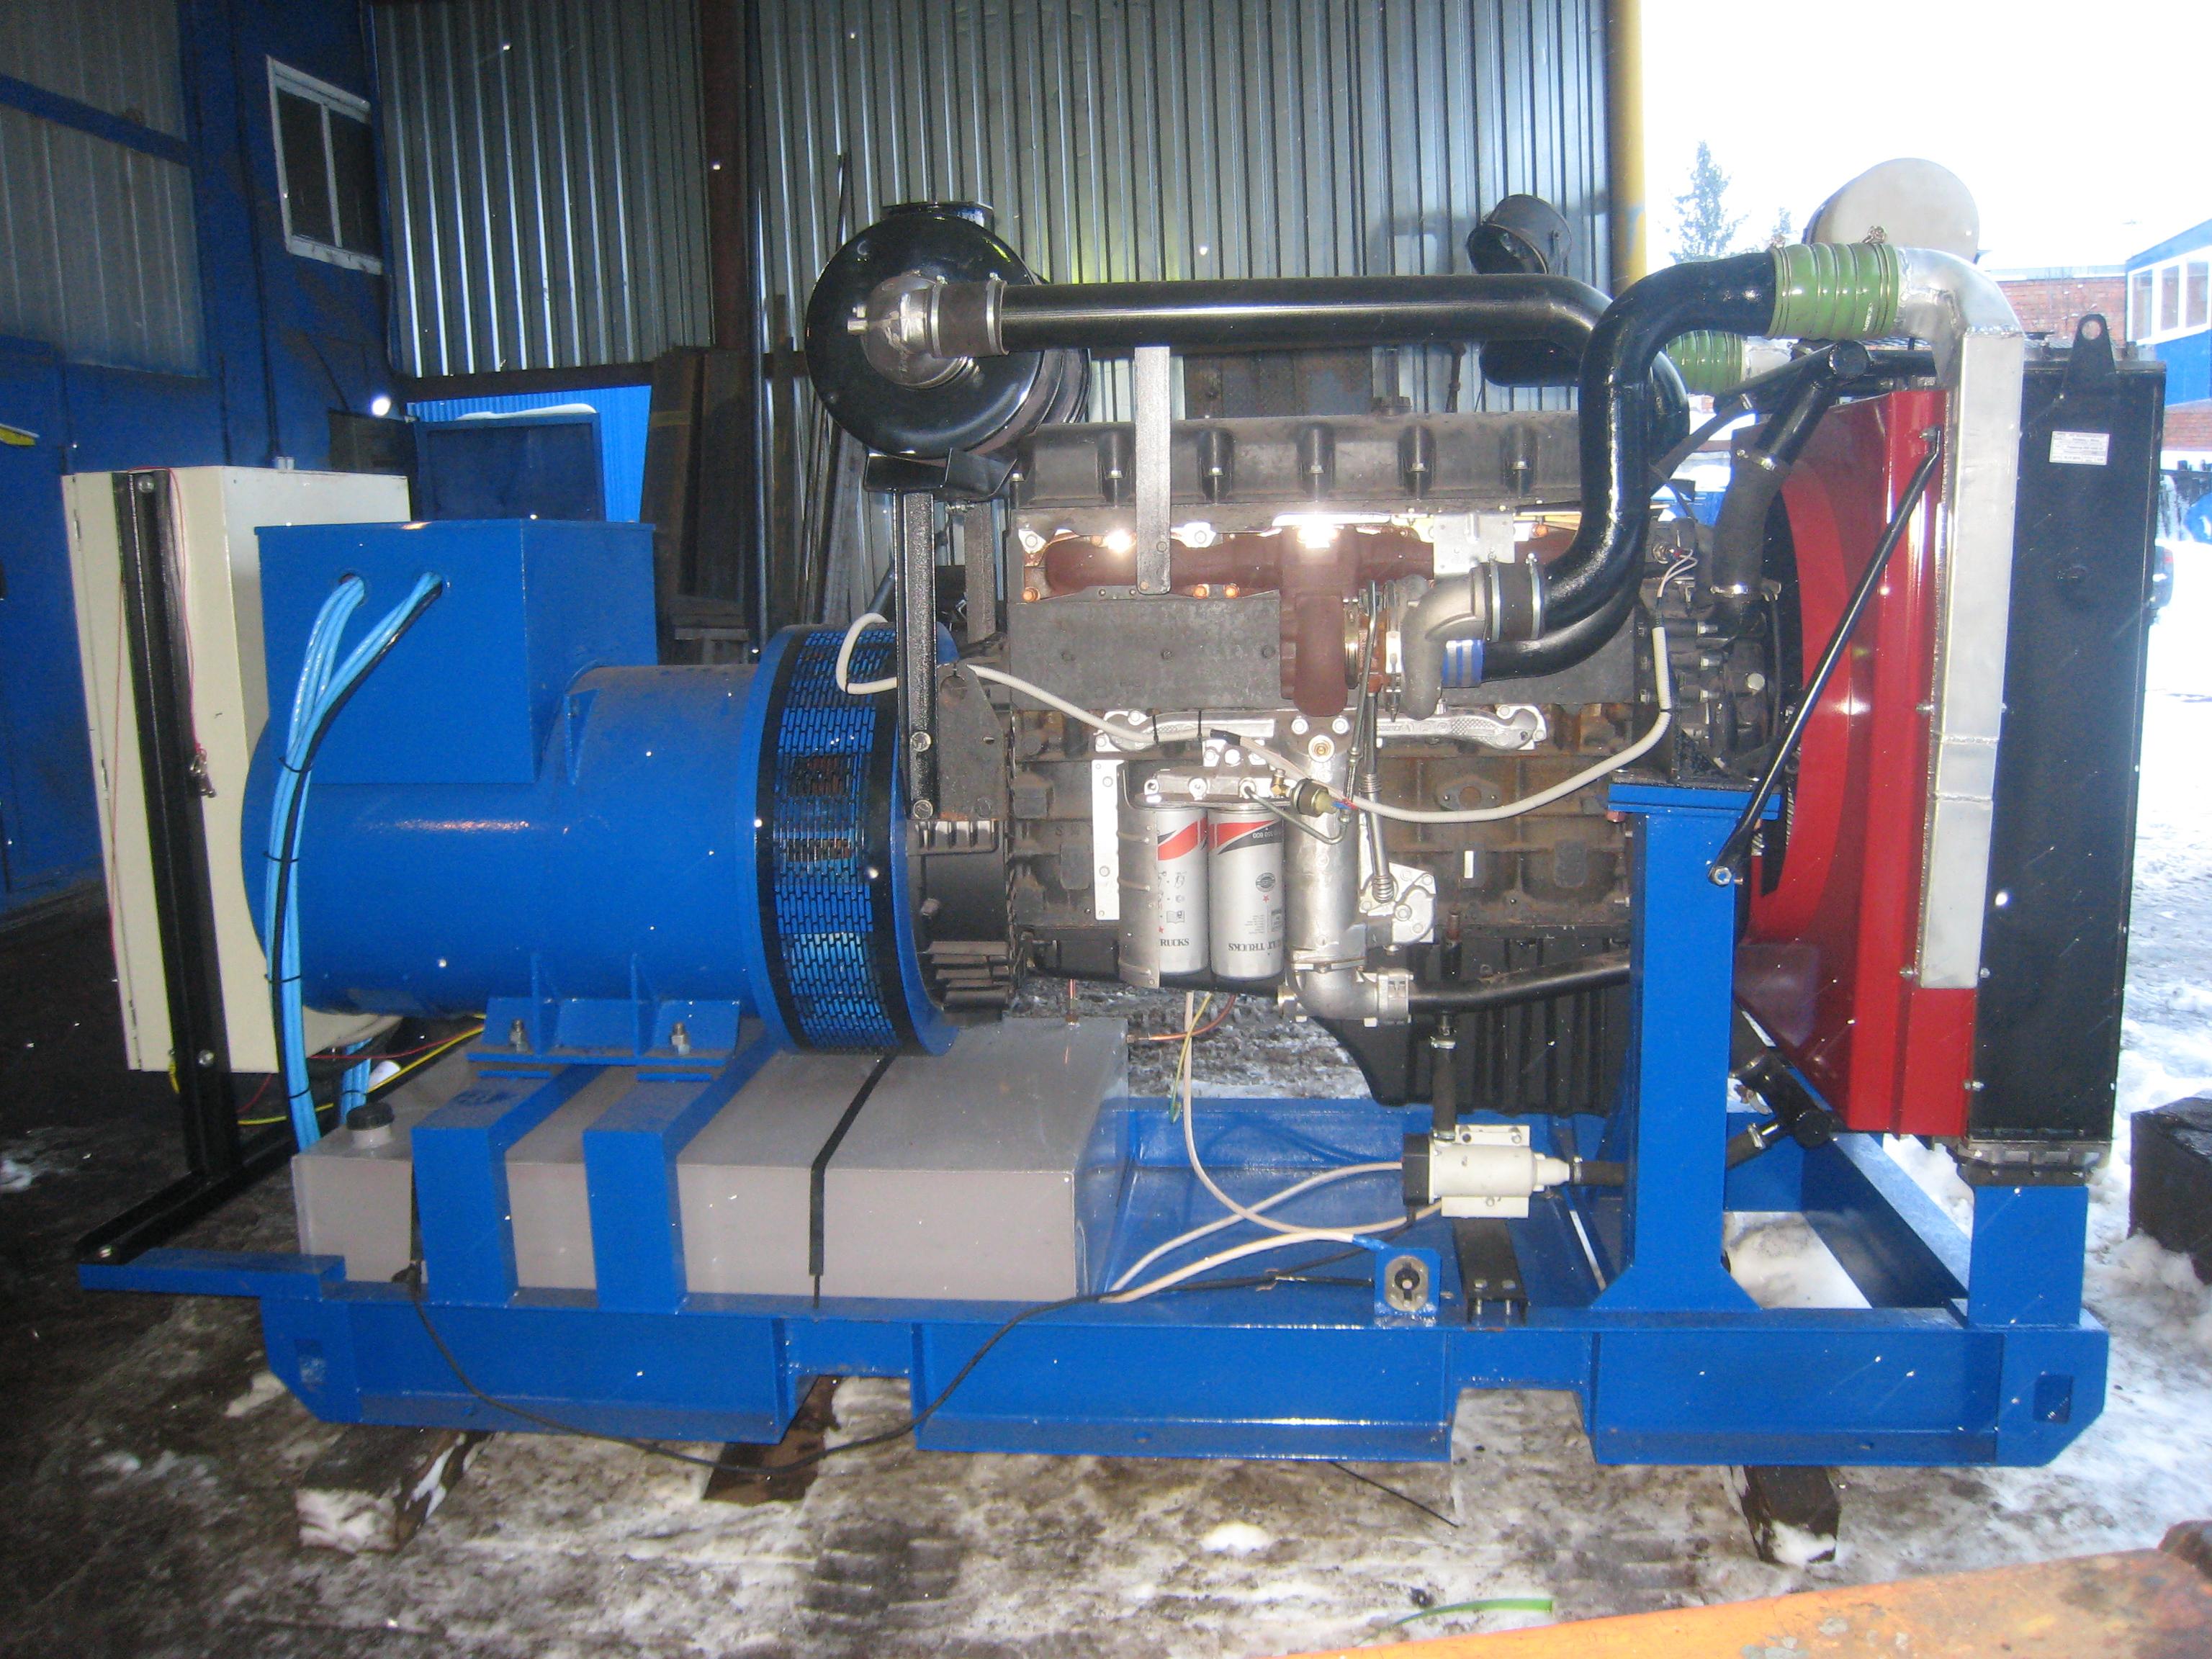 фото АД 250 на моторе ЯМЗ 6503.10